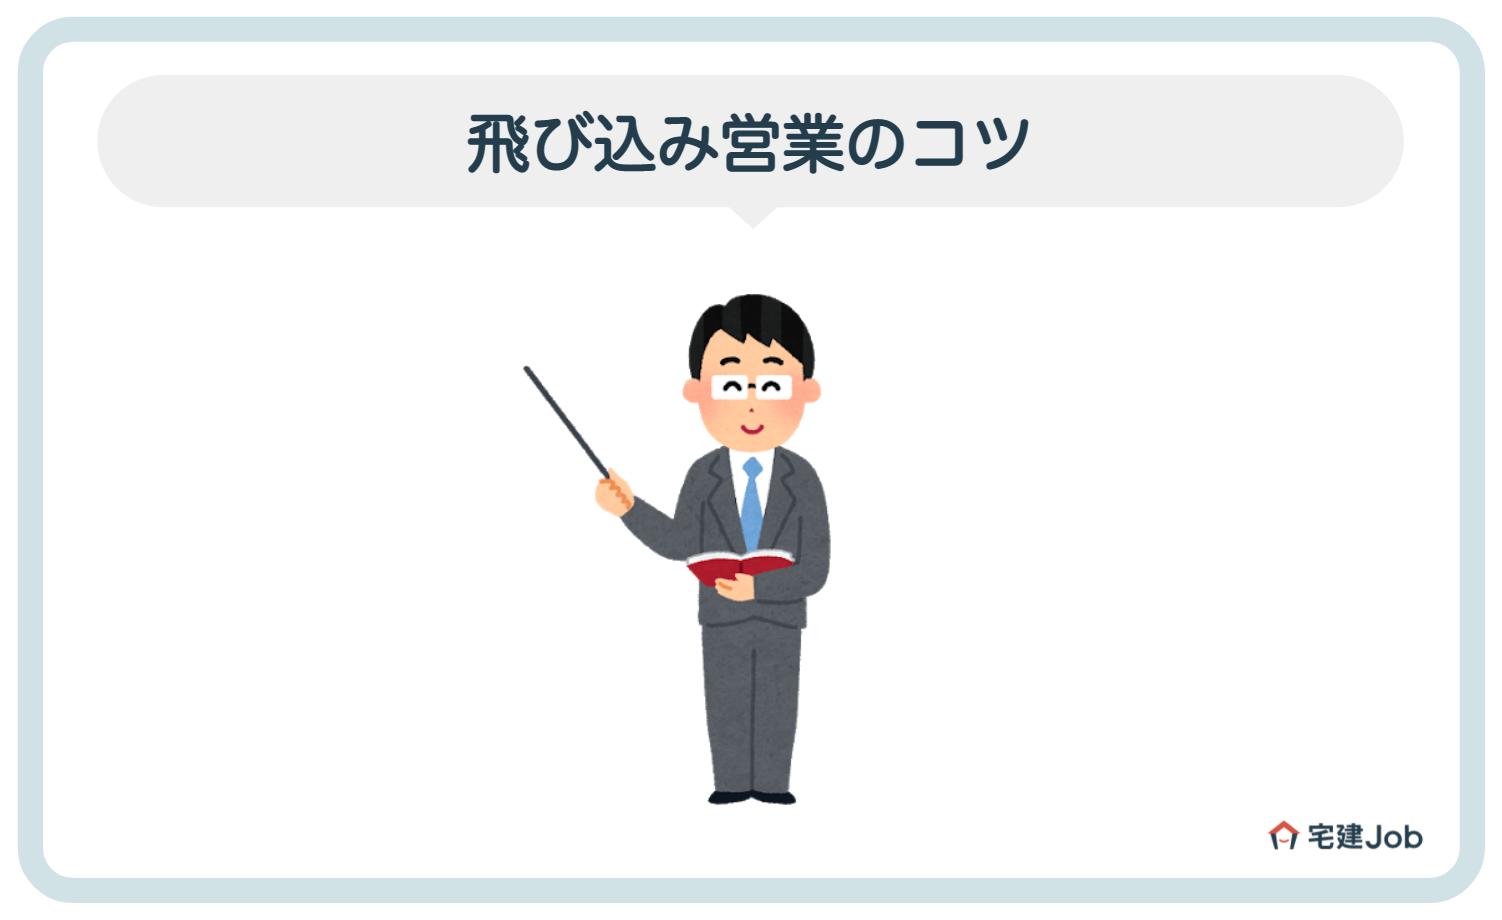 2.飛び込み営業のコツ【建築営業】